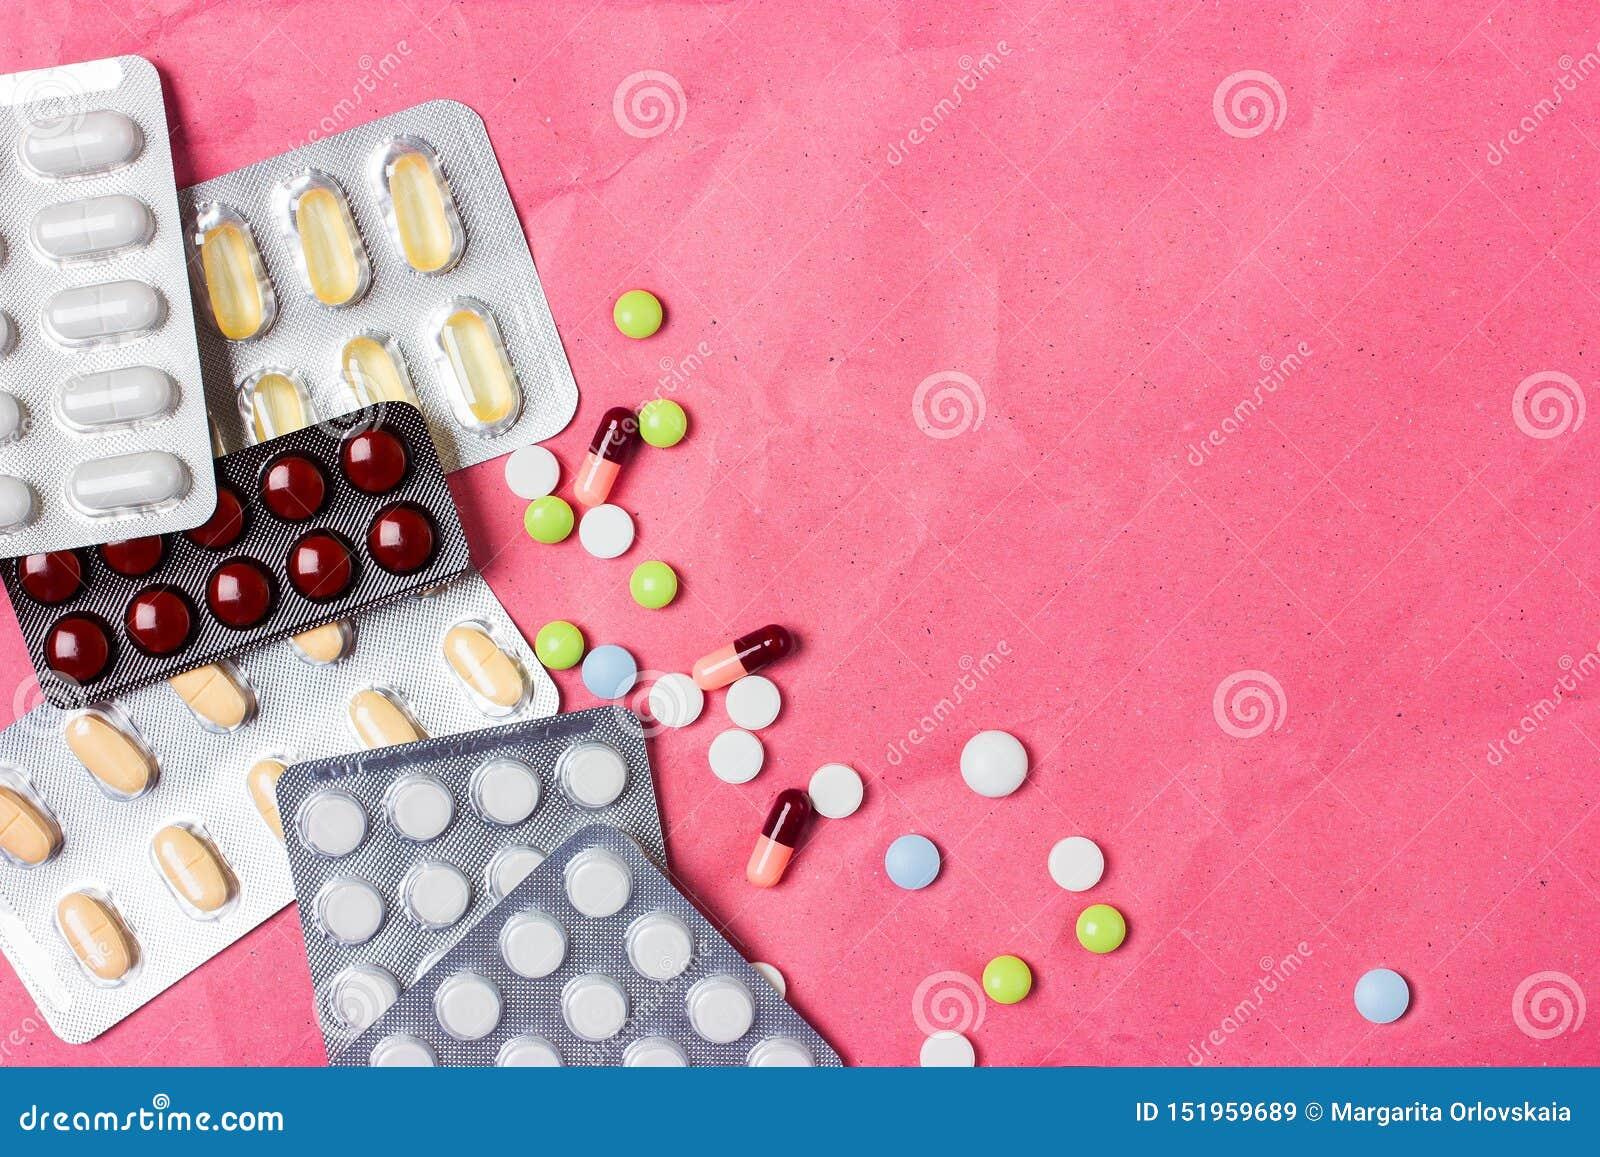 Medische achtergrond met kleurrijke pillen, tabletten en capsules voor een dia of een presentatie